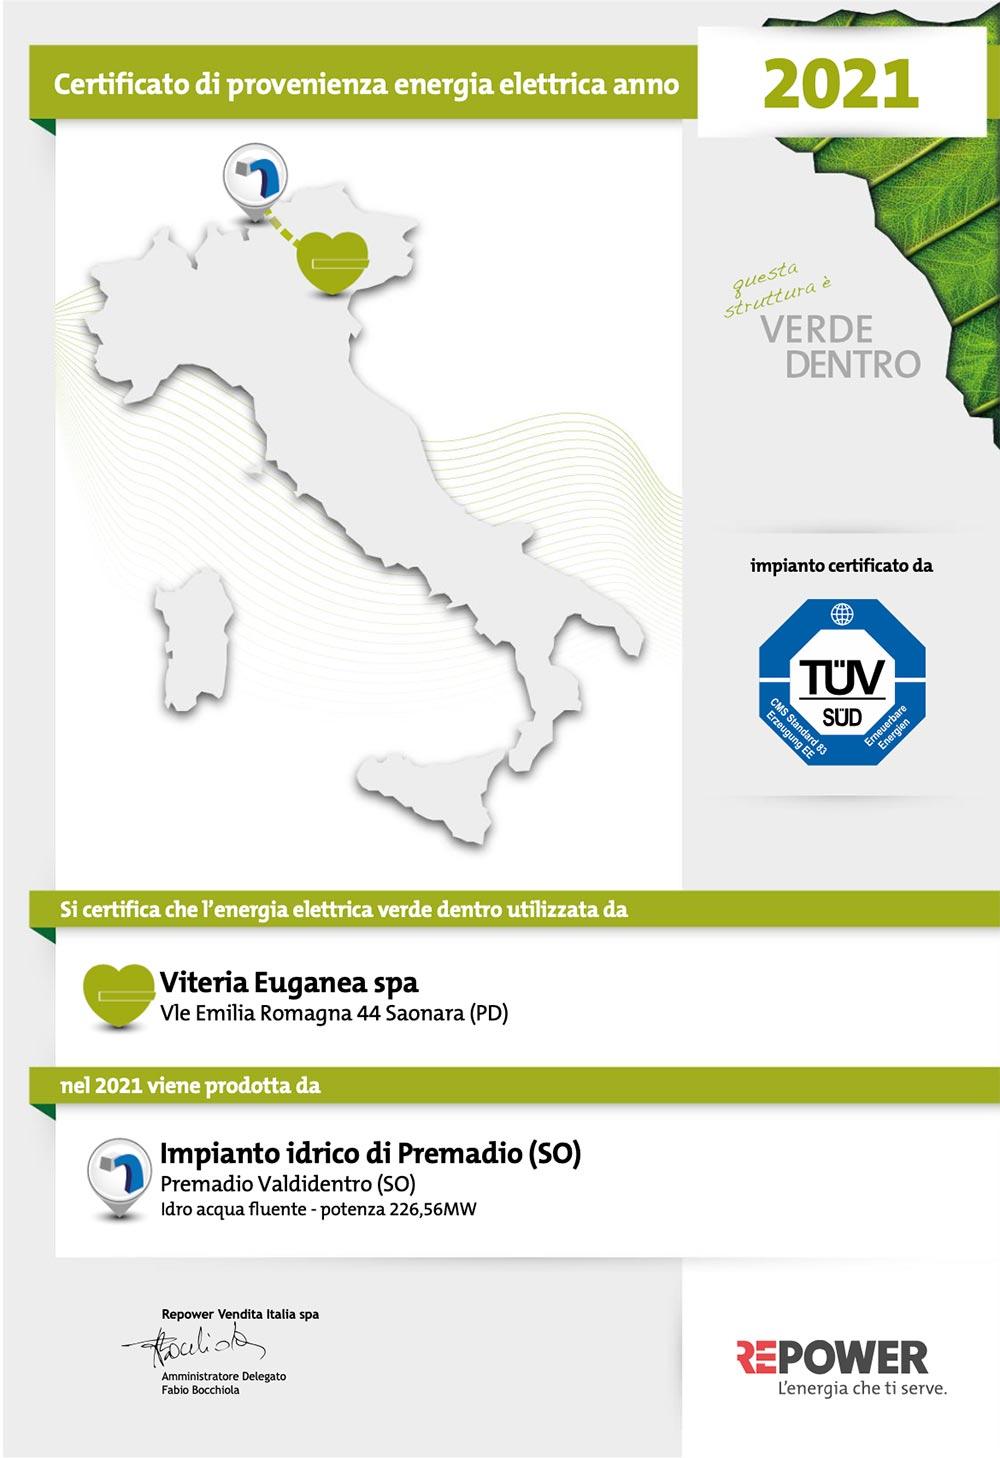 Certificato-Green-2021-Viteria-Euganea